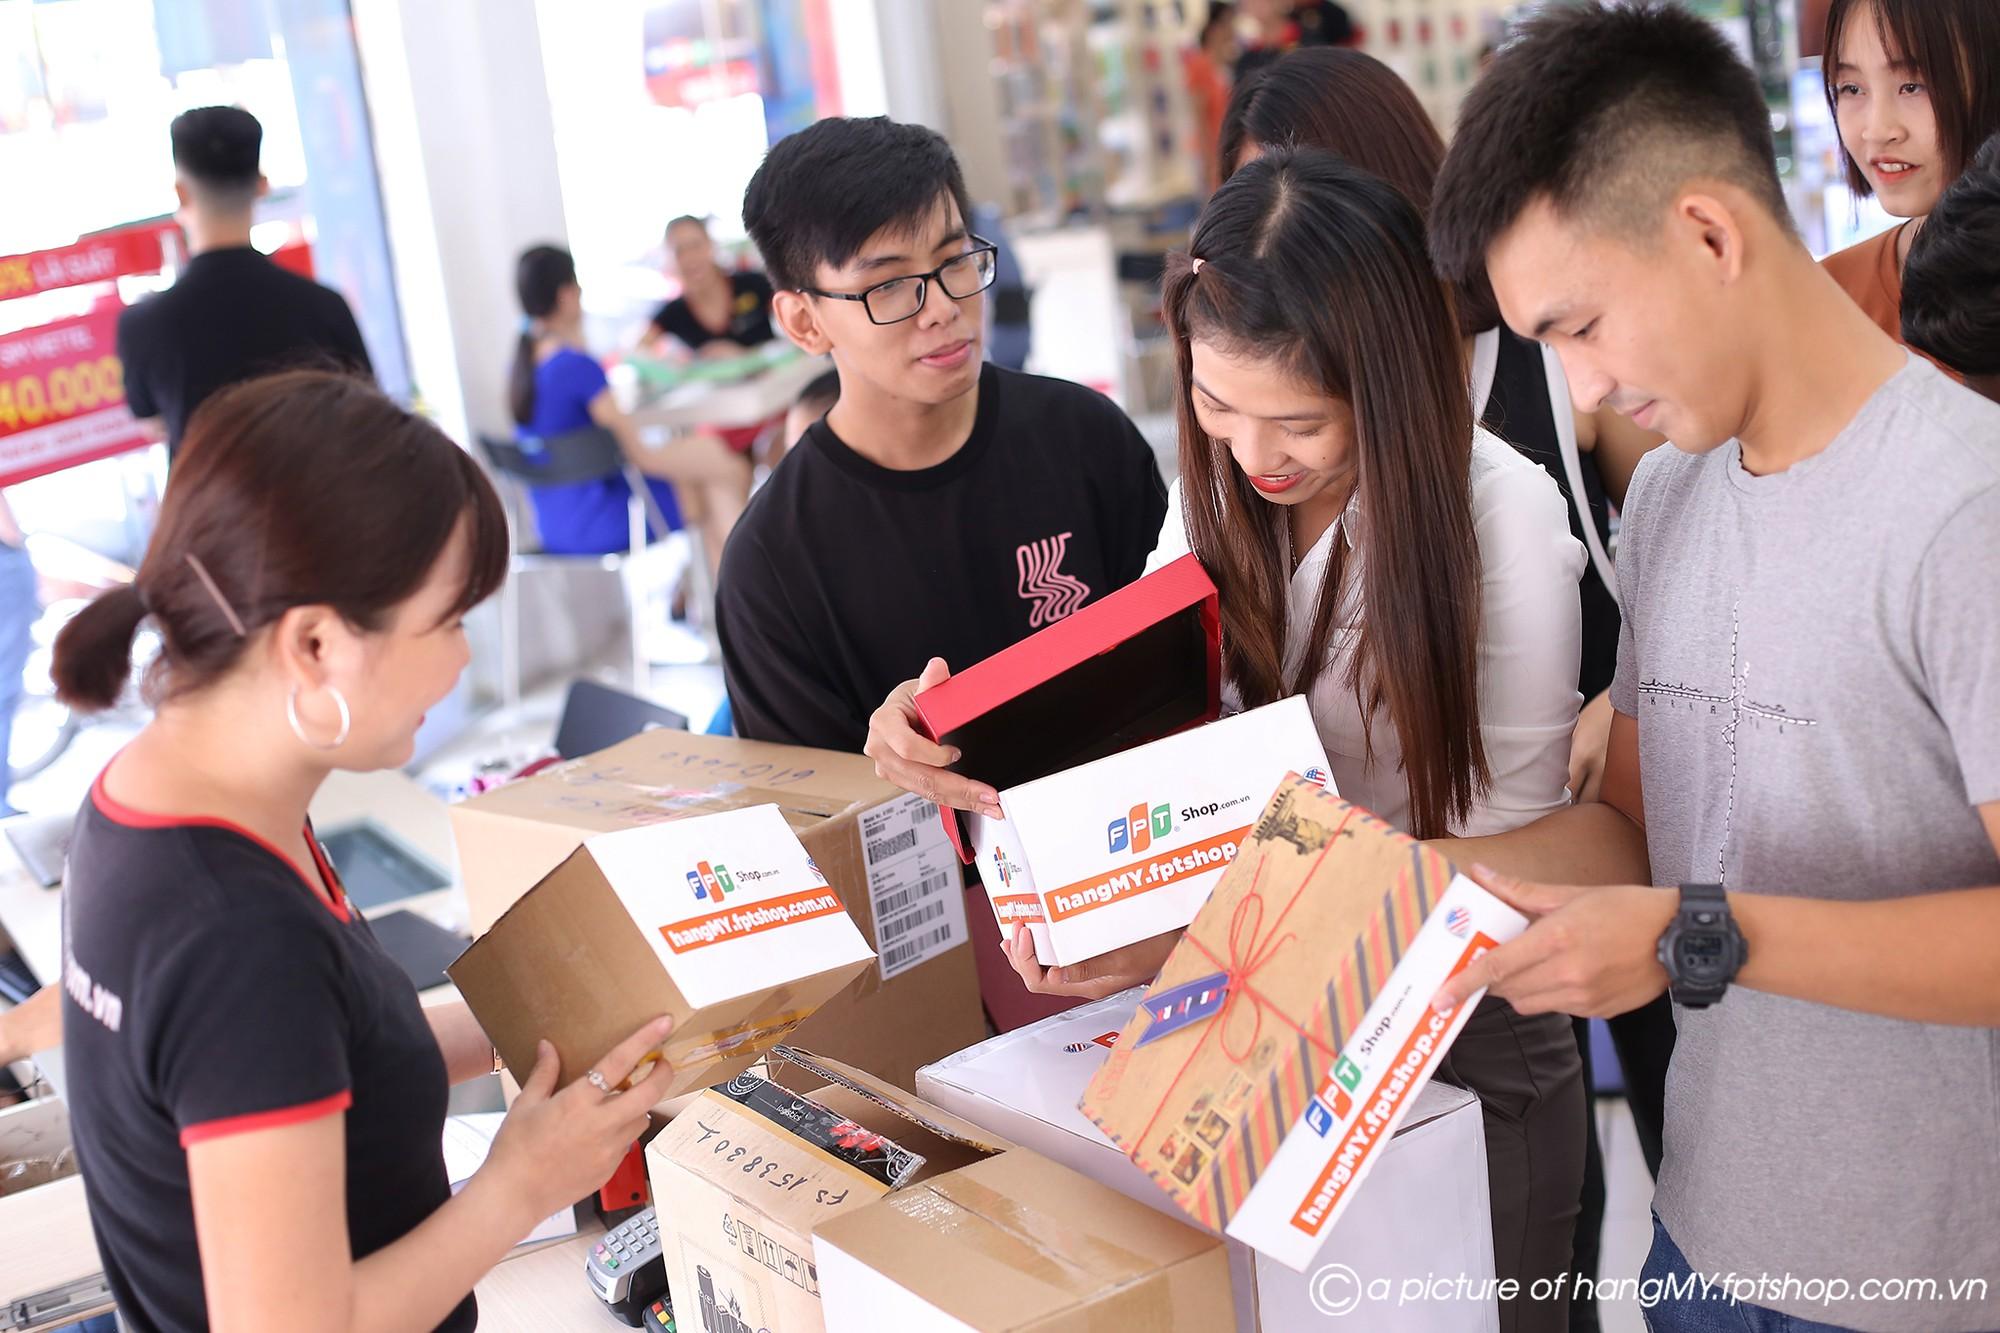 Doanh thu của FPT Shop tăng dựng đứng trong 48 giờ Prime Day - Ảnh 2.